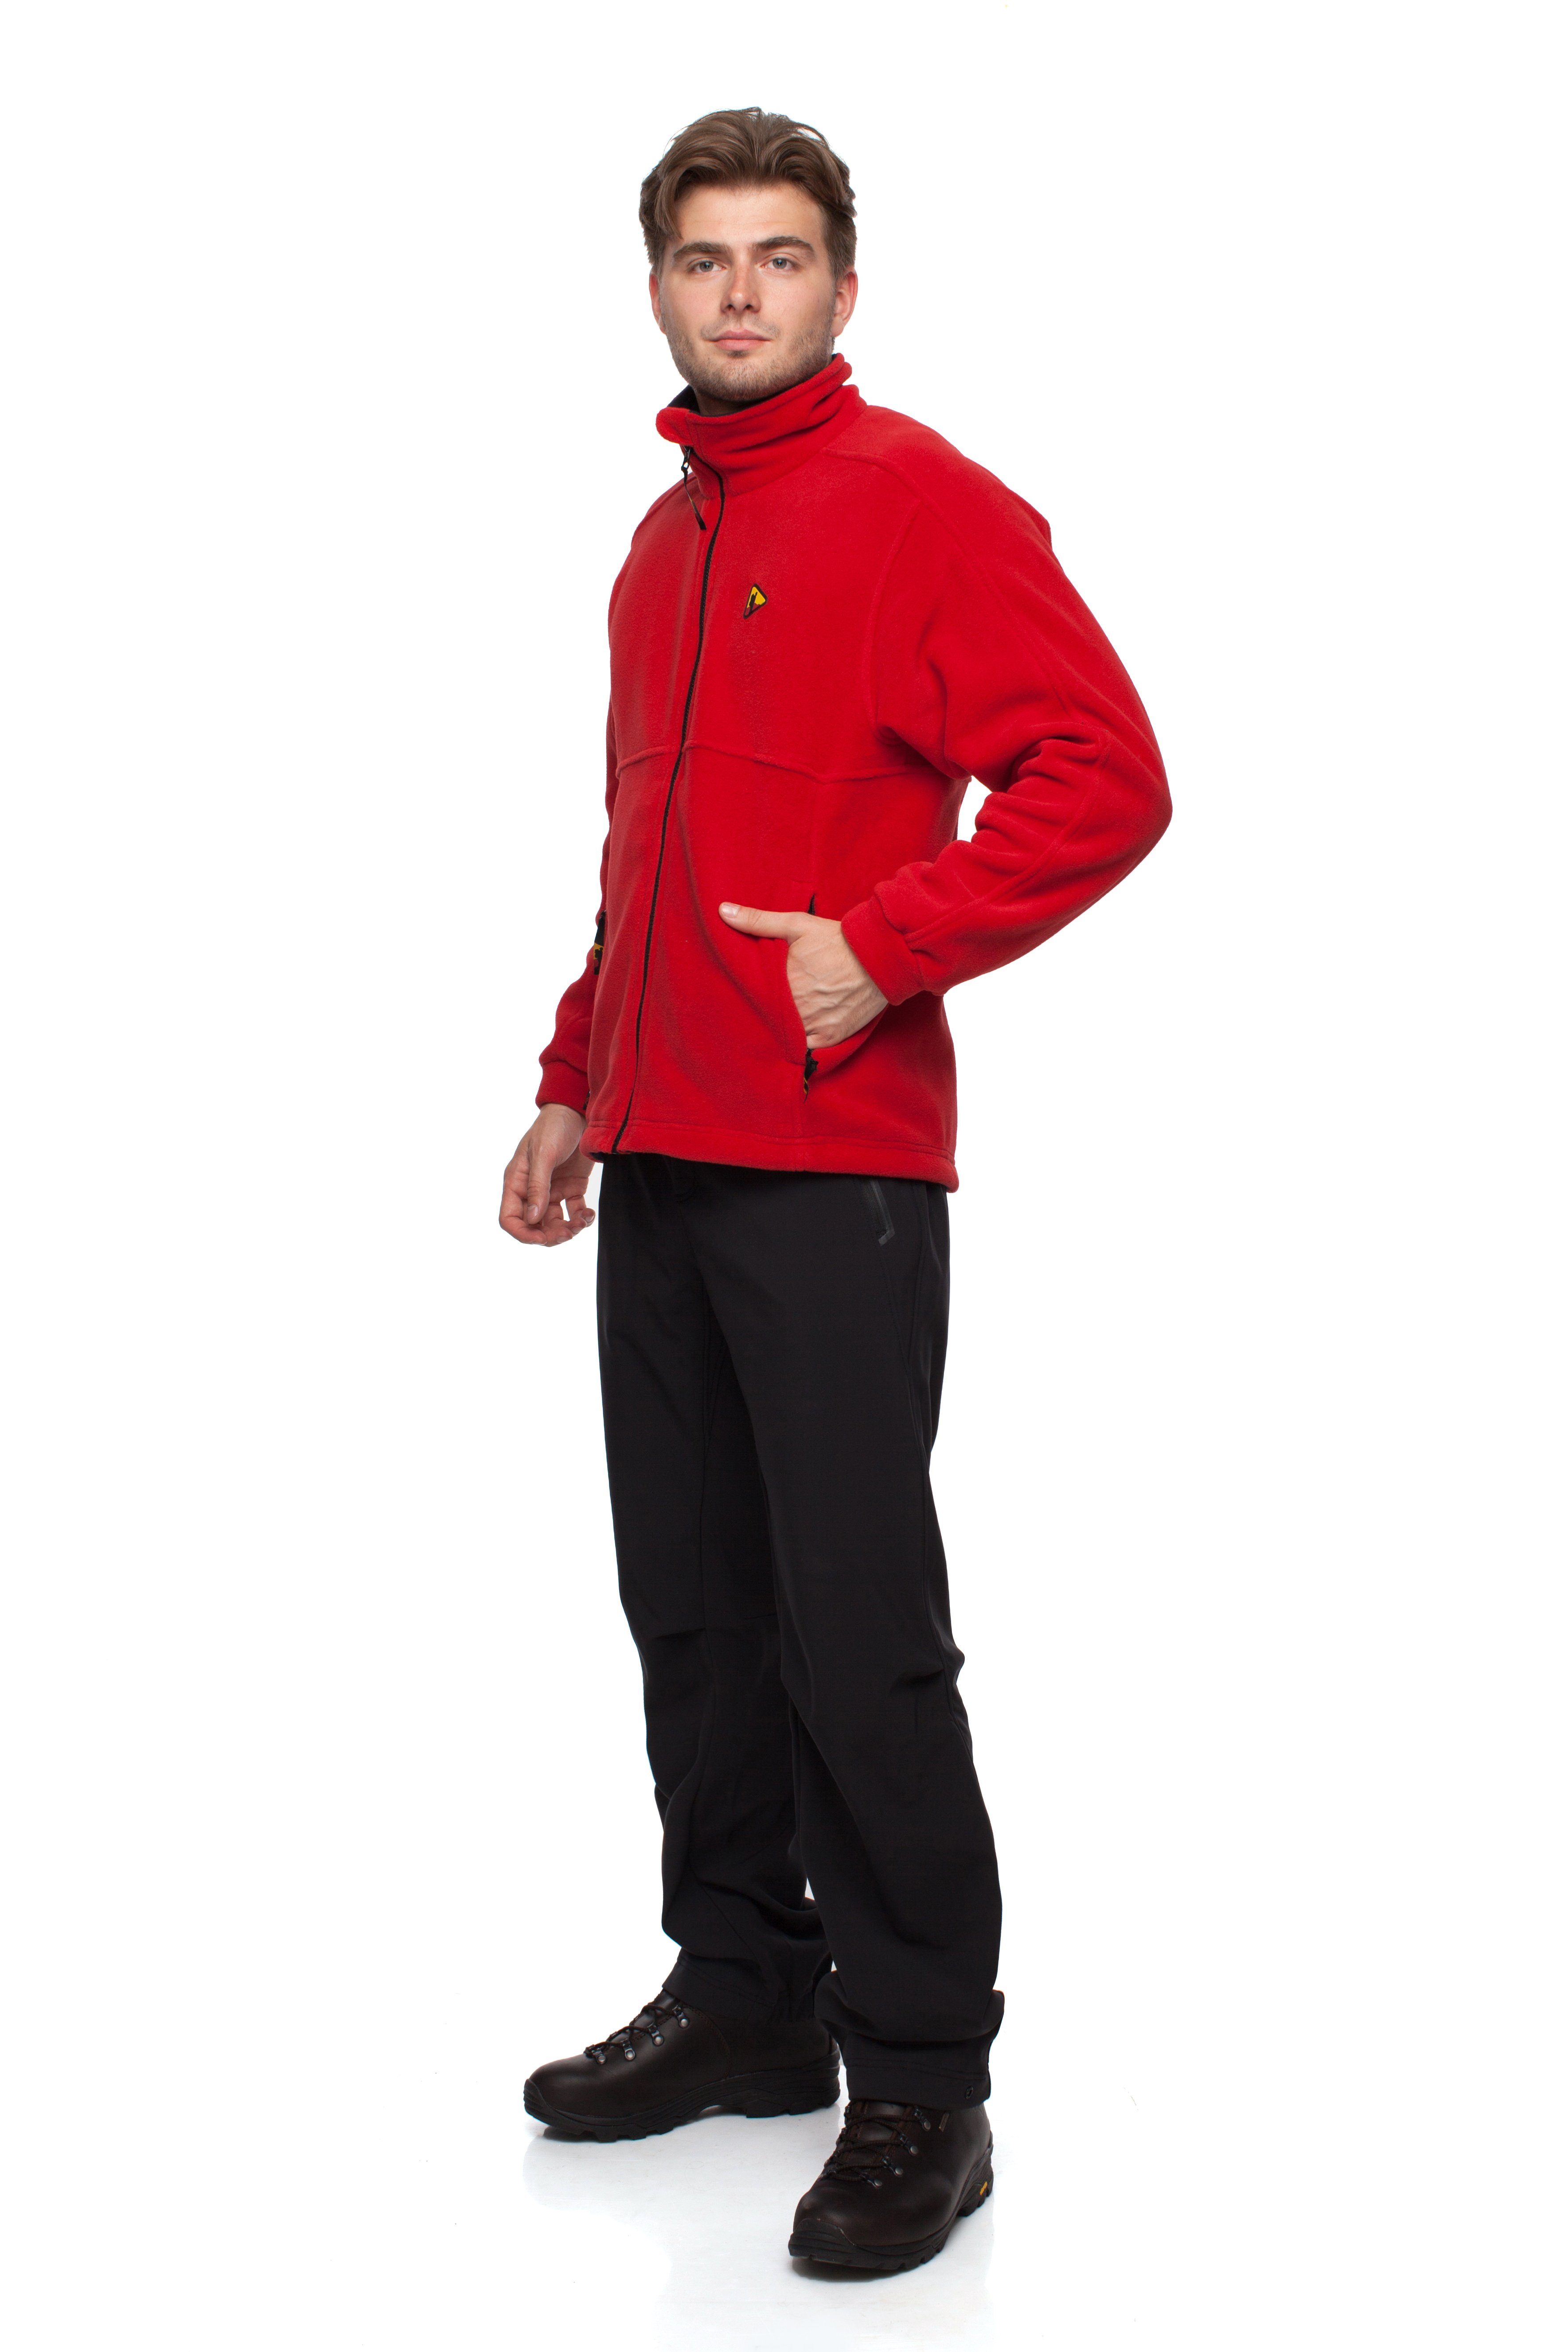 Куртка BASK FAST MJ 4253Тёплая мужская куртка свободного покроя из ткани Polartec® 200 для спорта и активного отдыха.  Мужская и женская версии.<br><br>Боковые карманы: 2<br>Вес граммы: 570<br>Ветрозащитная планка: Да<br>Материал: Polartec® 200<br>Материал усиления: нет<br>Пол: Муж.<br>Регулировка вентиляции: Нет<br>Регулировка низа: Да<br>Регулируемые вентиляционные отверстия: Нет<br>Тип молнии: двухзамковая<br>Усиление контактных зон: Нет<br>Размер INT: XL<br>Цвет: КРАСНЫЙ